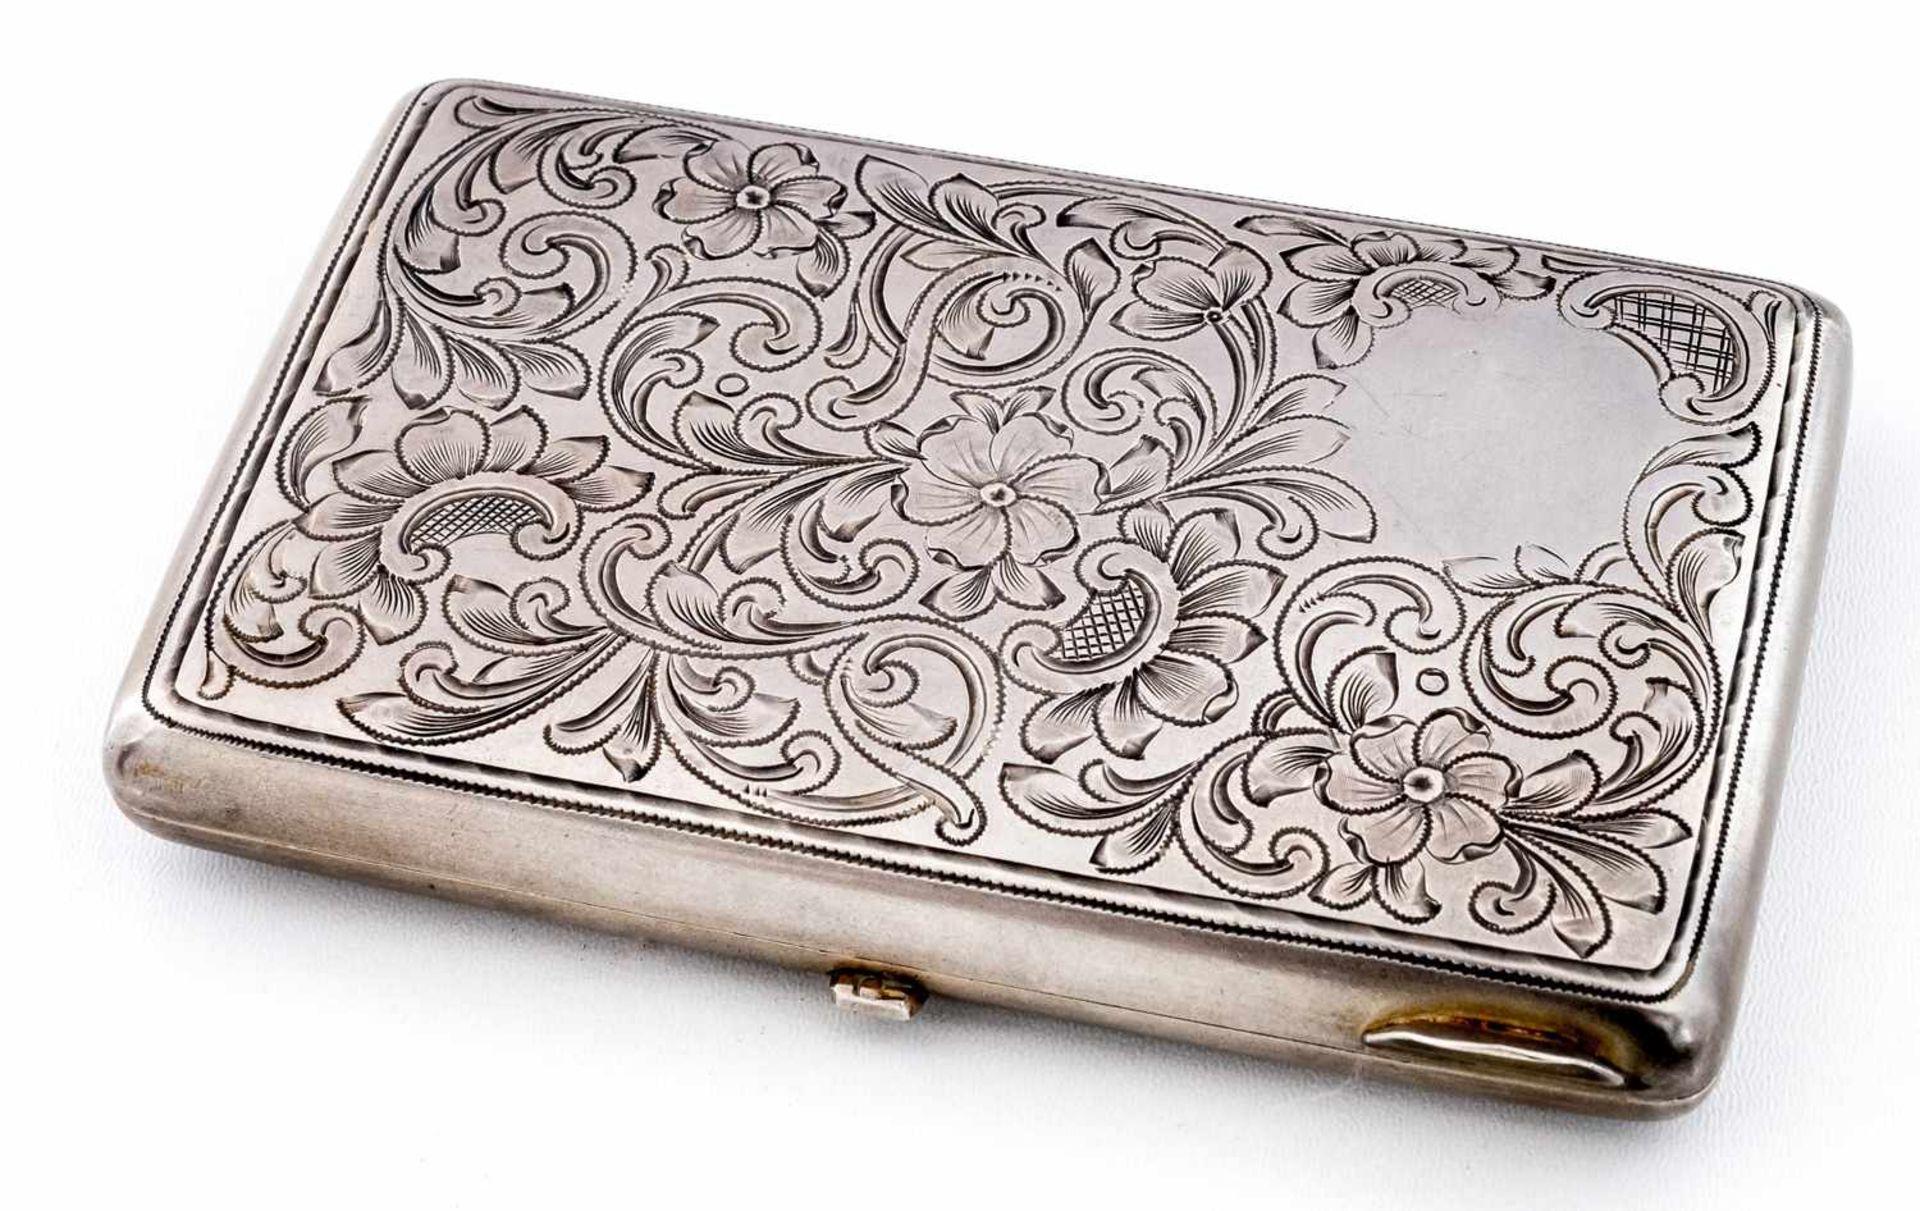 Zigarettenetui mit floralem Dekor Russland, Silber (132g), Moskau 1899-1908 Meister: Vasilij